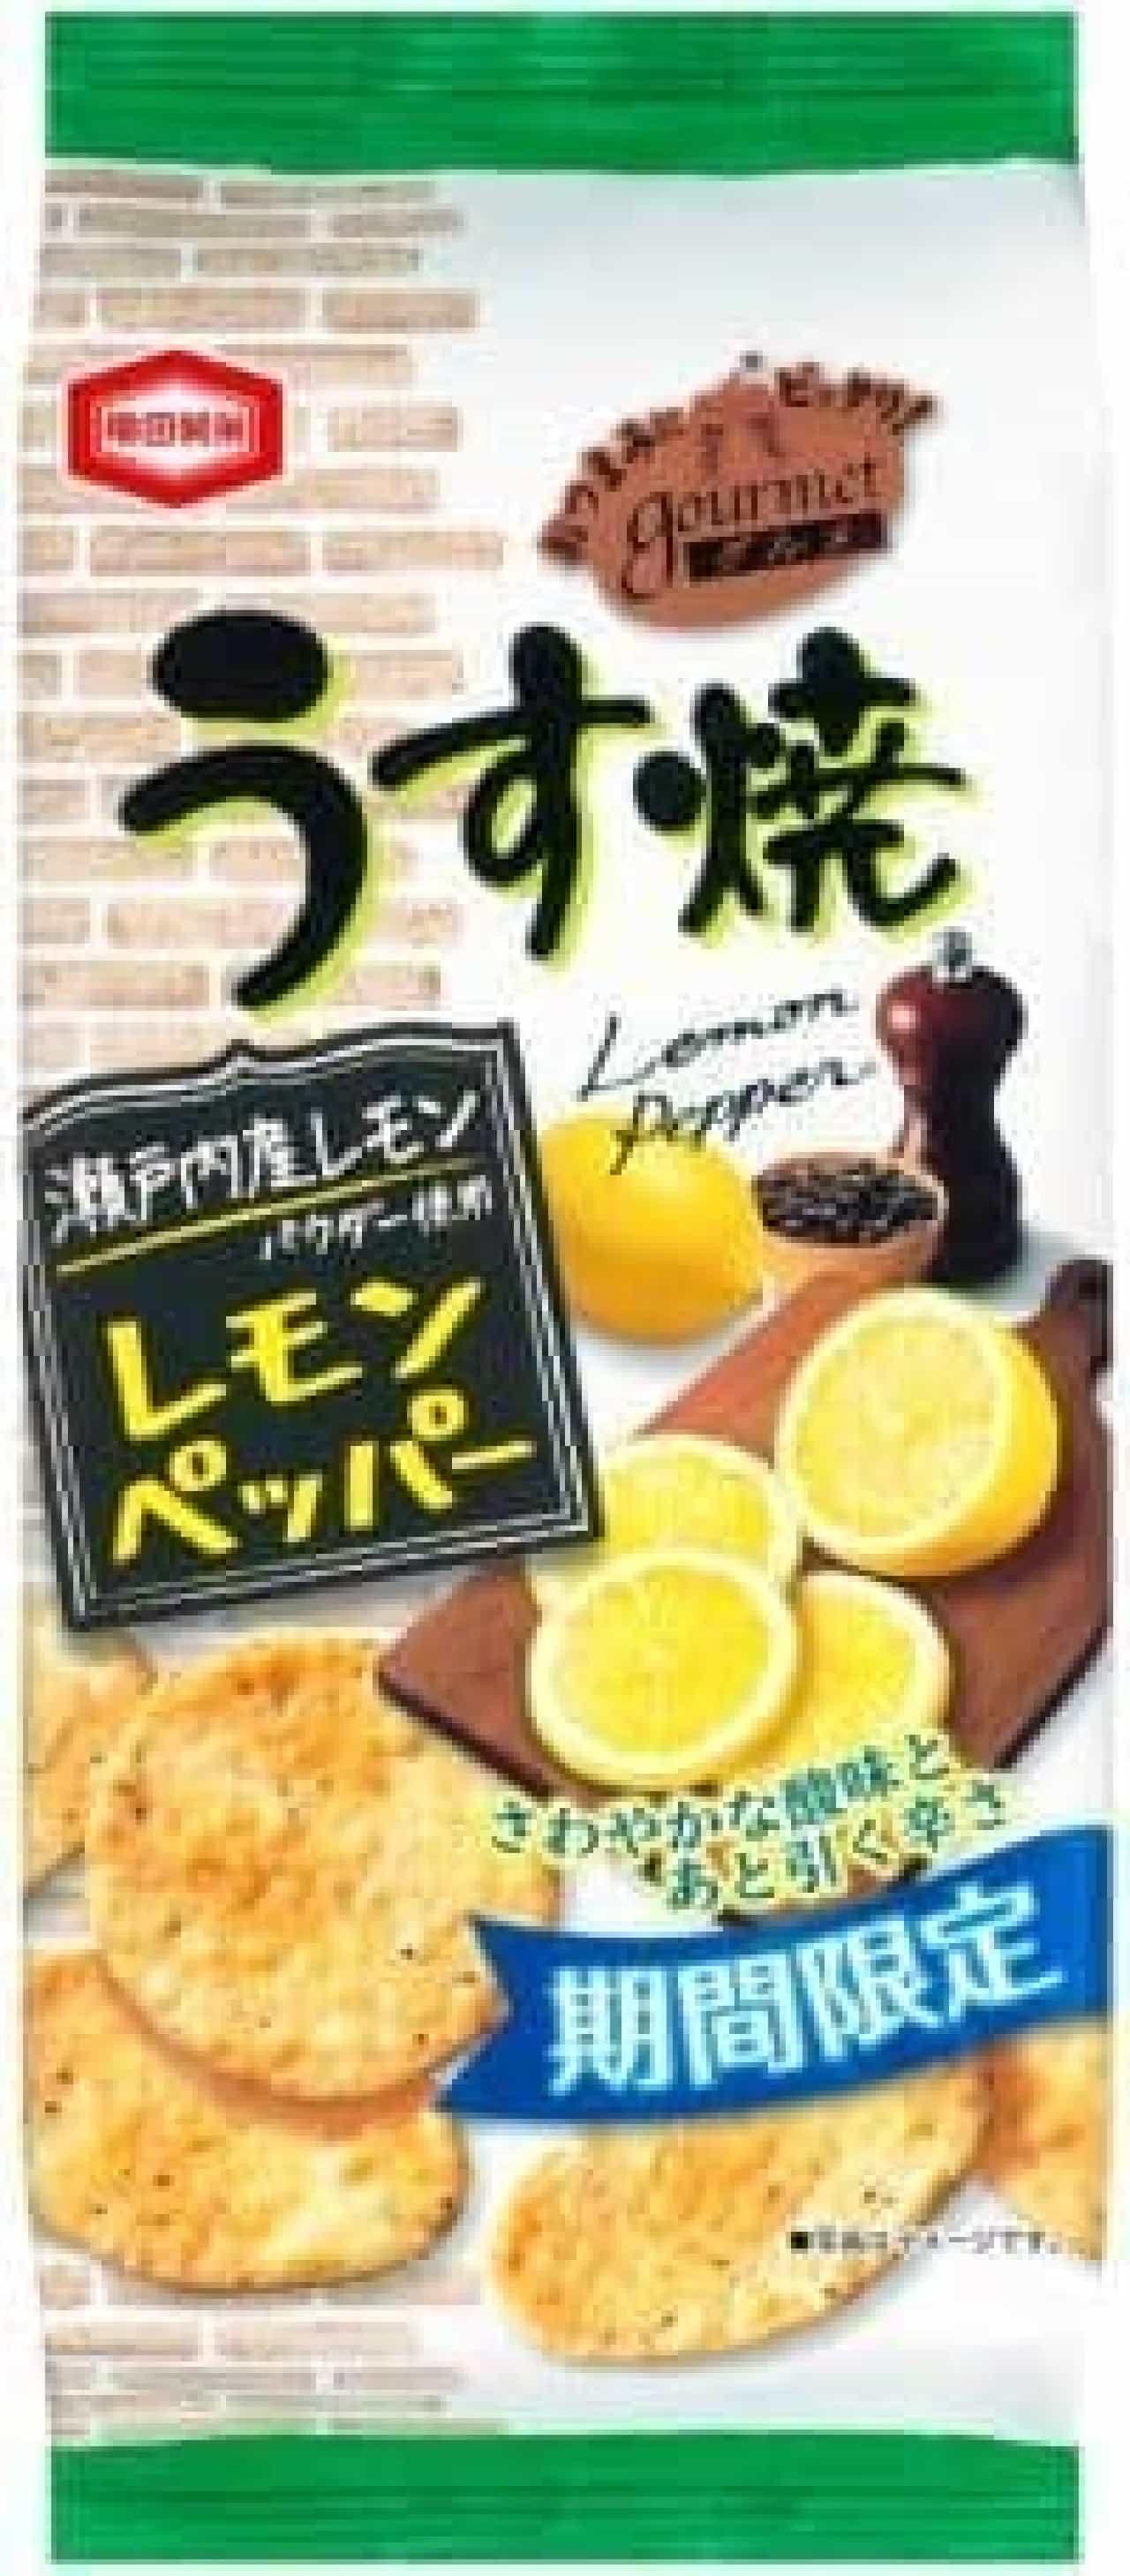 レモンペッパー味のうす焼登場!